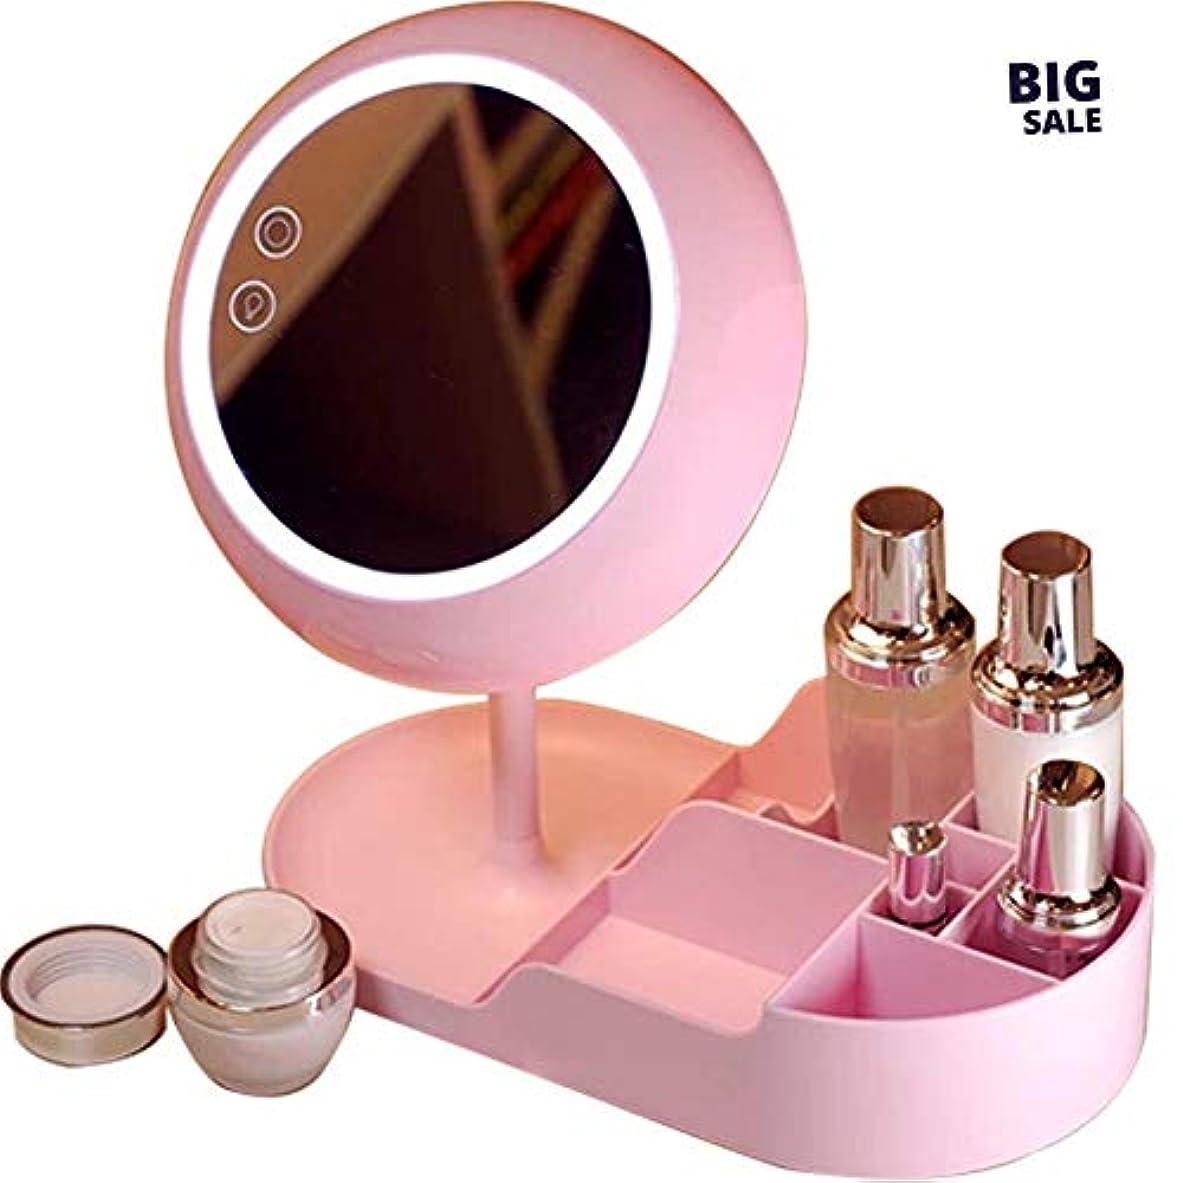 舌素晴らしい良い多くの研究所NICEE創造的な化粧鏡充電式美容化粧鏡、タッチデュアル電源、化粧品収納ボックス化粧鏡NICEY